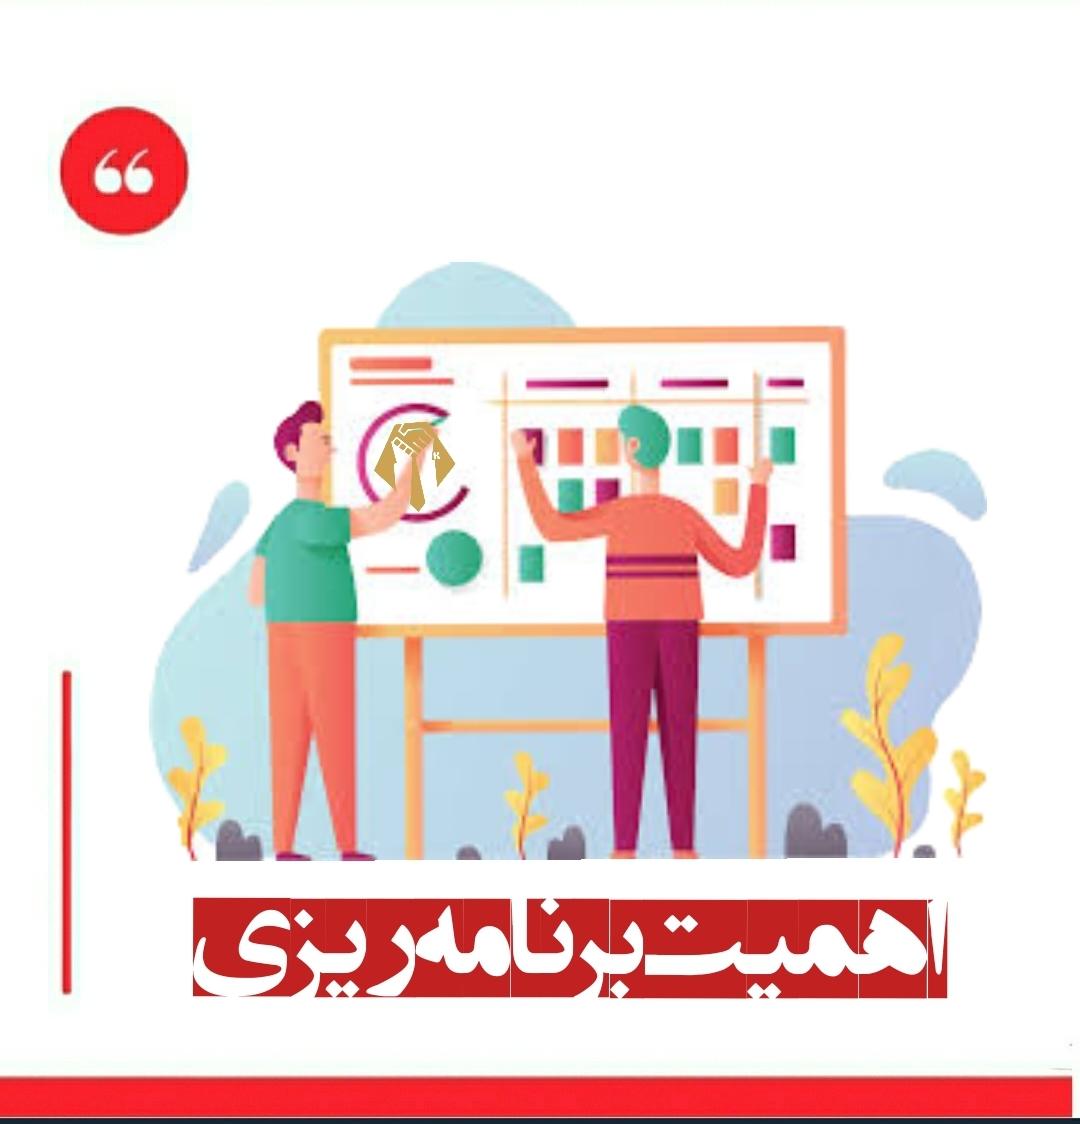 مشاور کسب و کار در مازندران